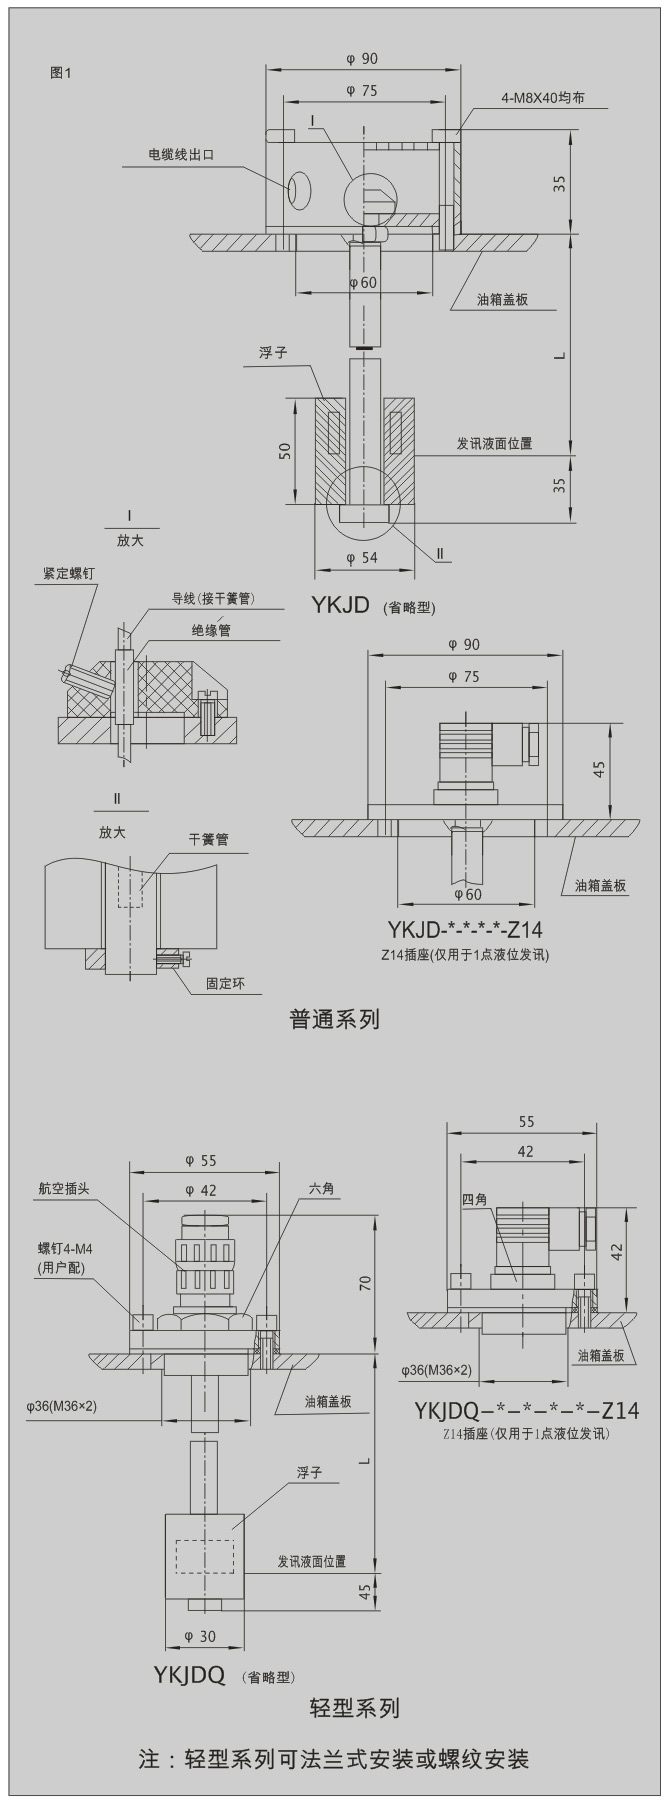 (一)简介及工作原理 YKJD 型液位控制继电器是一种新型液面高度电发讯控制装置,主要用于箱内液体位置与液体源电机的自动控制或报警,具有结构紧凑,控制灵敏,安装简单等特点。图 1 是该装置的剖面图及安装尺寸,工作时浮子随液面升高或降低,当液面将浮子升上或降到发讯位置时,继电器动作常闭触点闭合,常开触点断开或常闭触点断开,常开触点闭合,以实现自动停机或报警。 (二)应用举例 1、图 2 是在油箱上应用的情况,当液面低于要求位置时,液位控制继电器YKJD动作:1与2断开,中间继电器C线圈断电,油泵电机停止工作